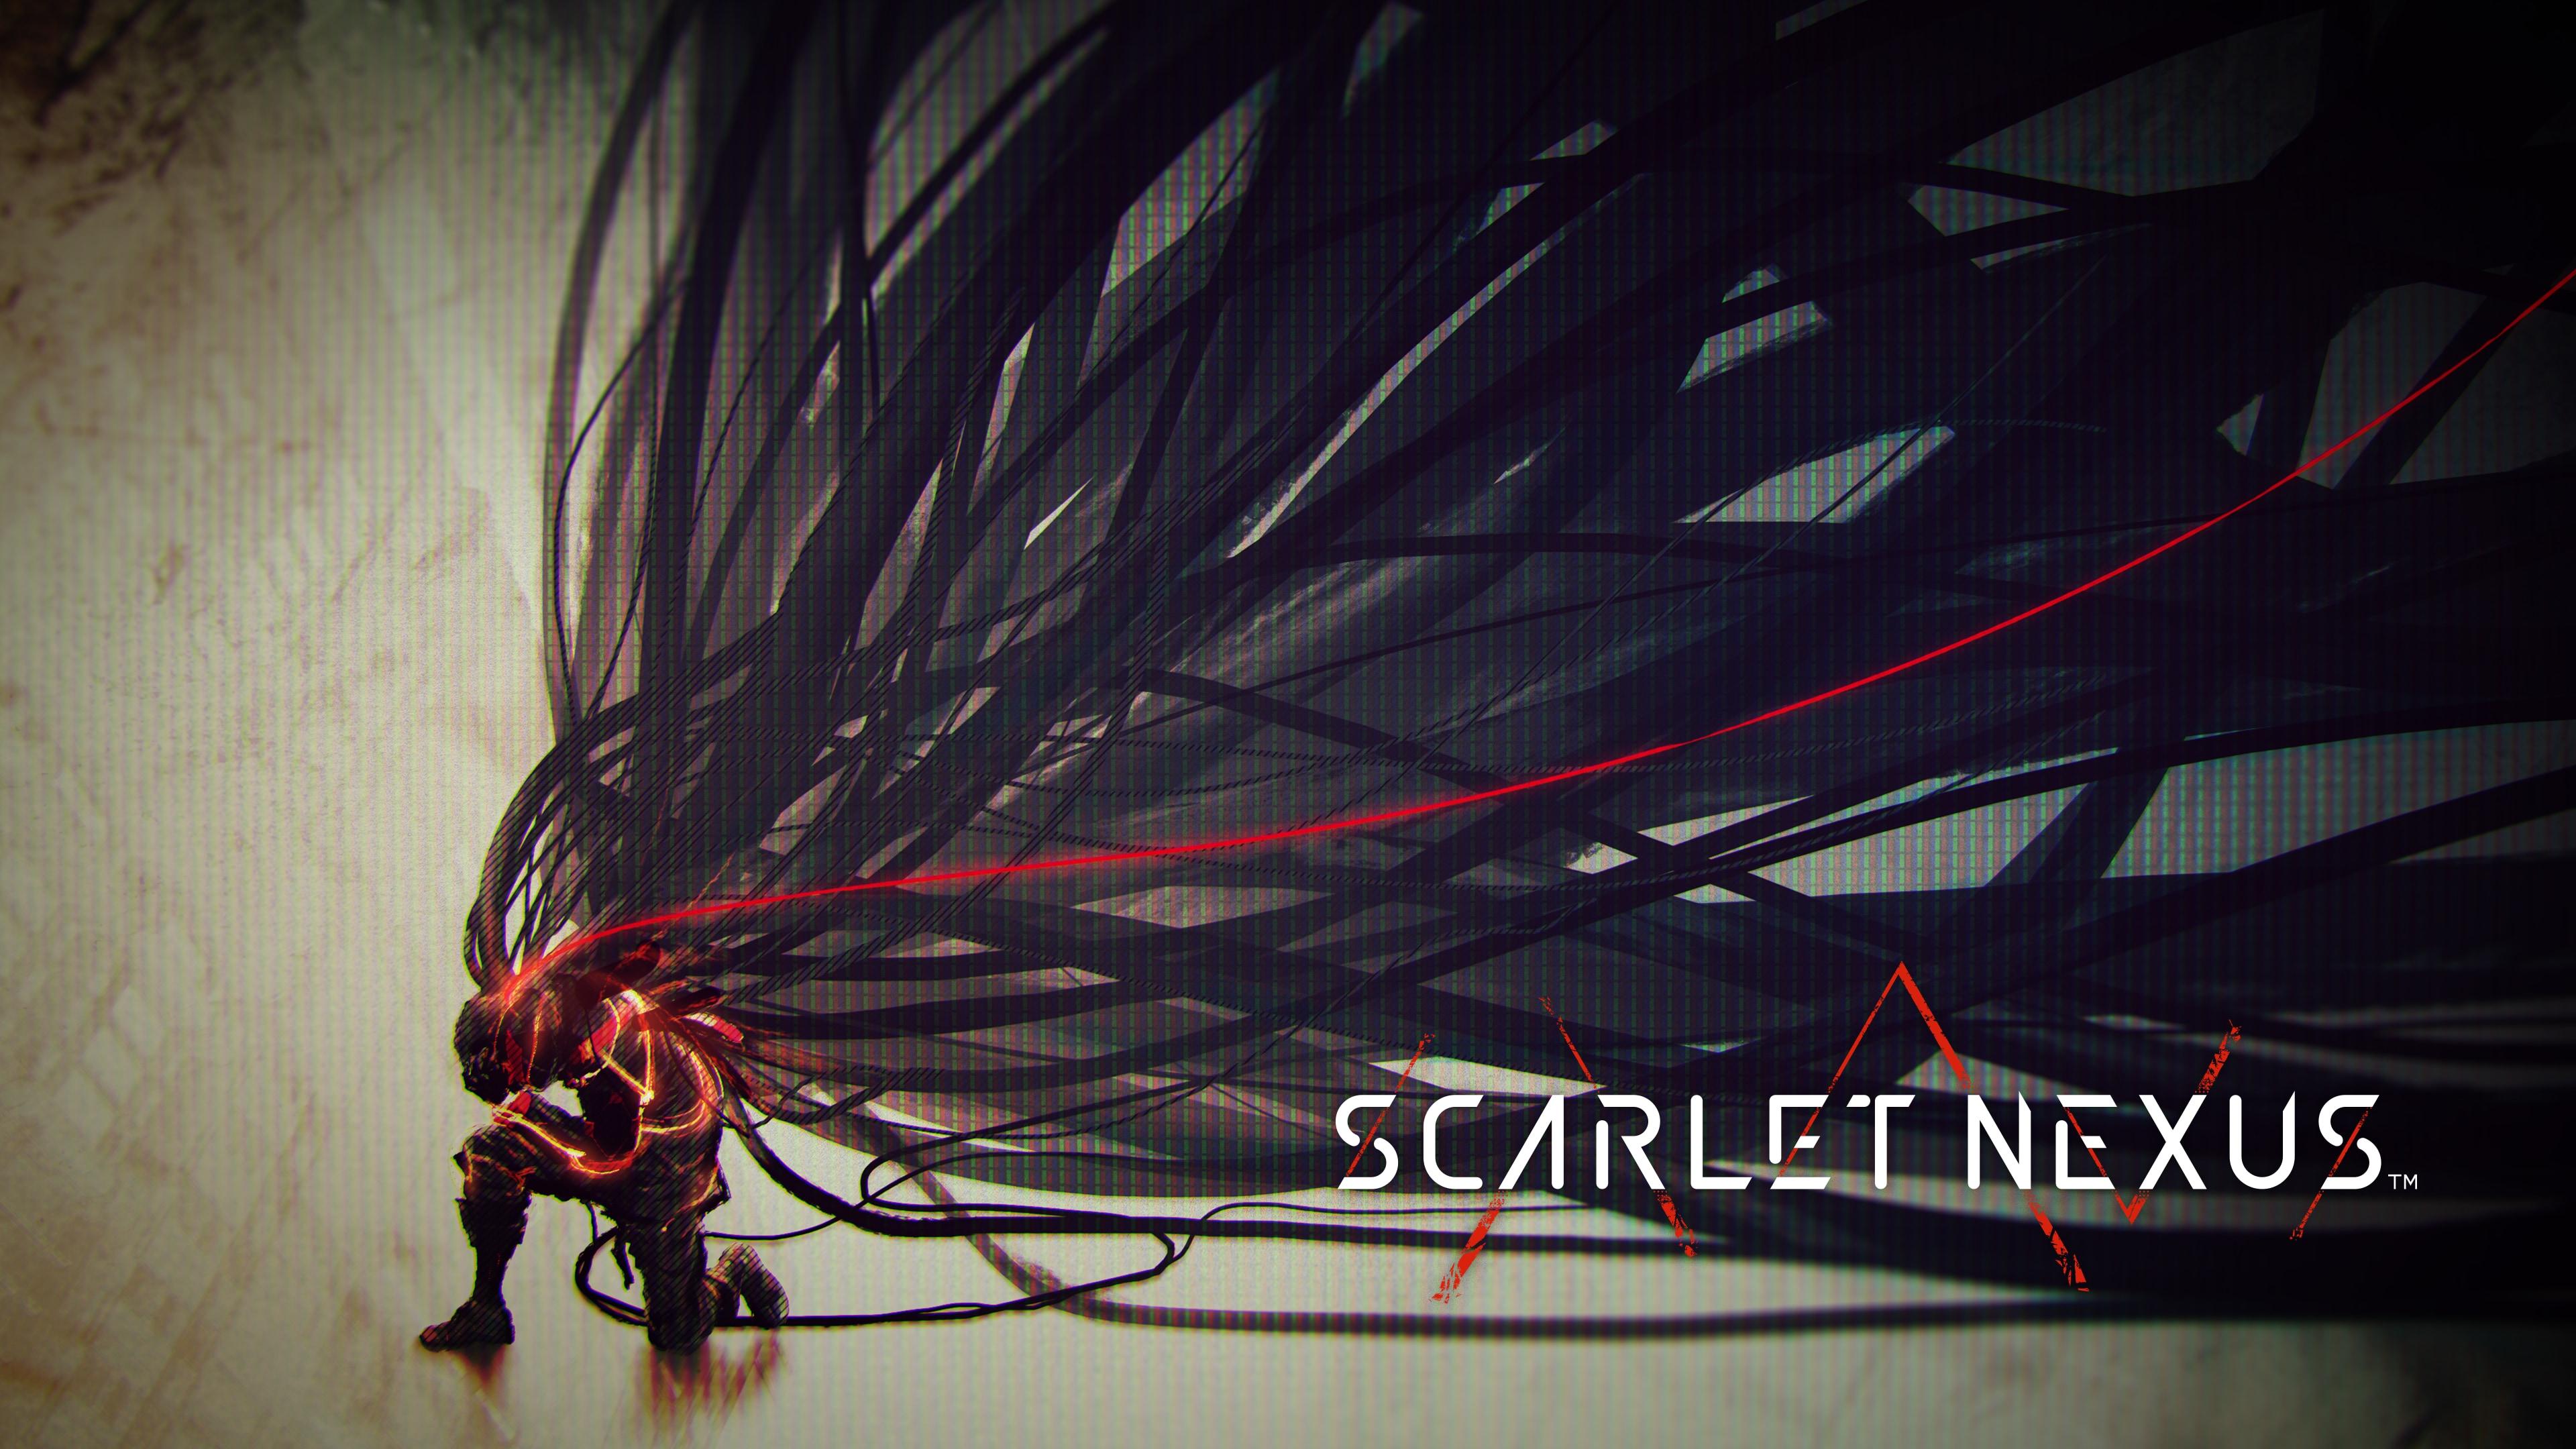 Scarlet_Nexus_Concept_Art